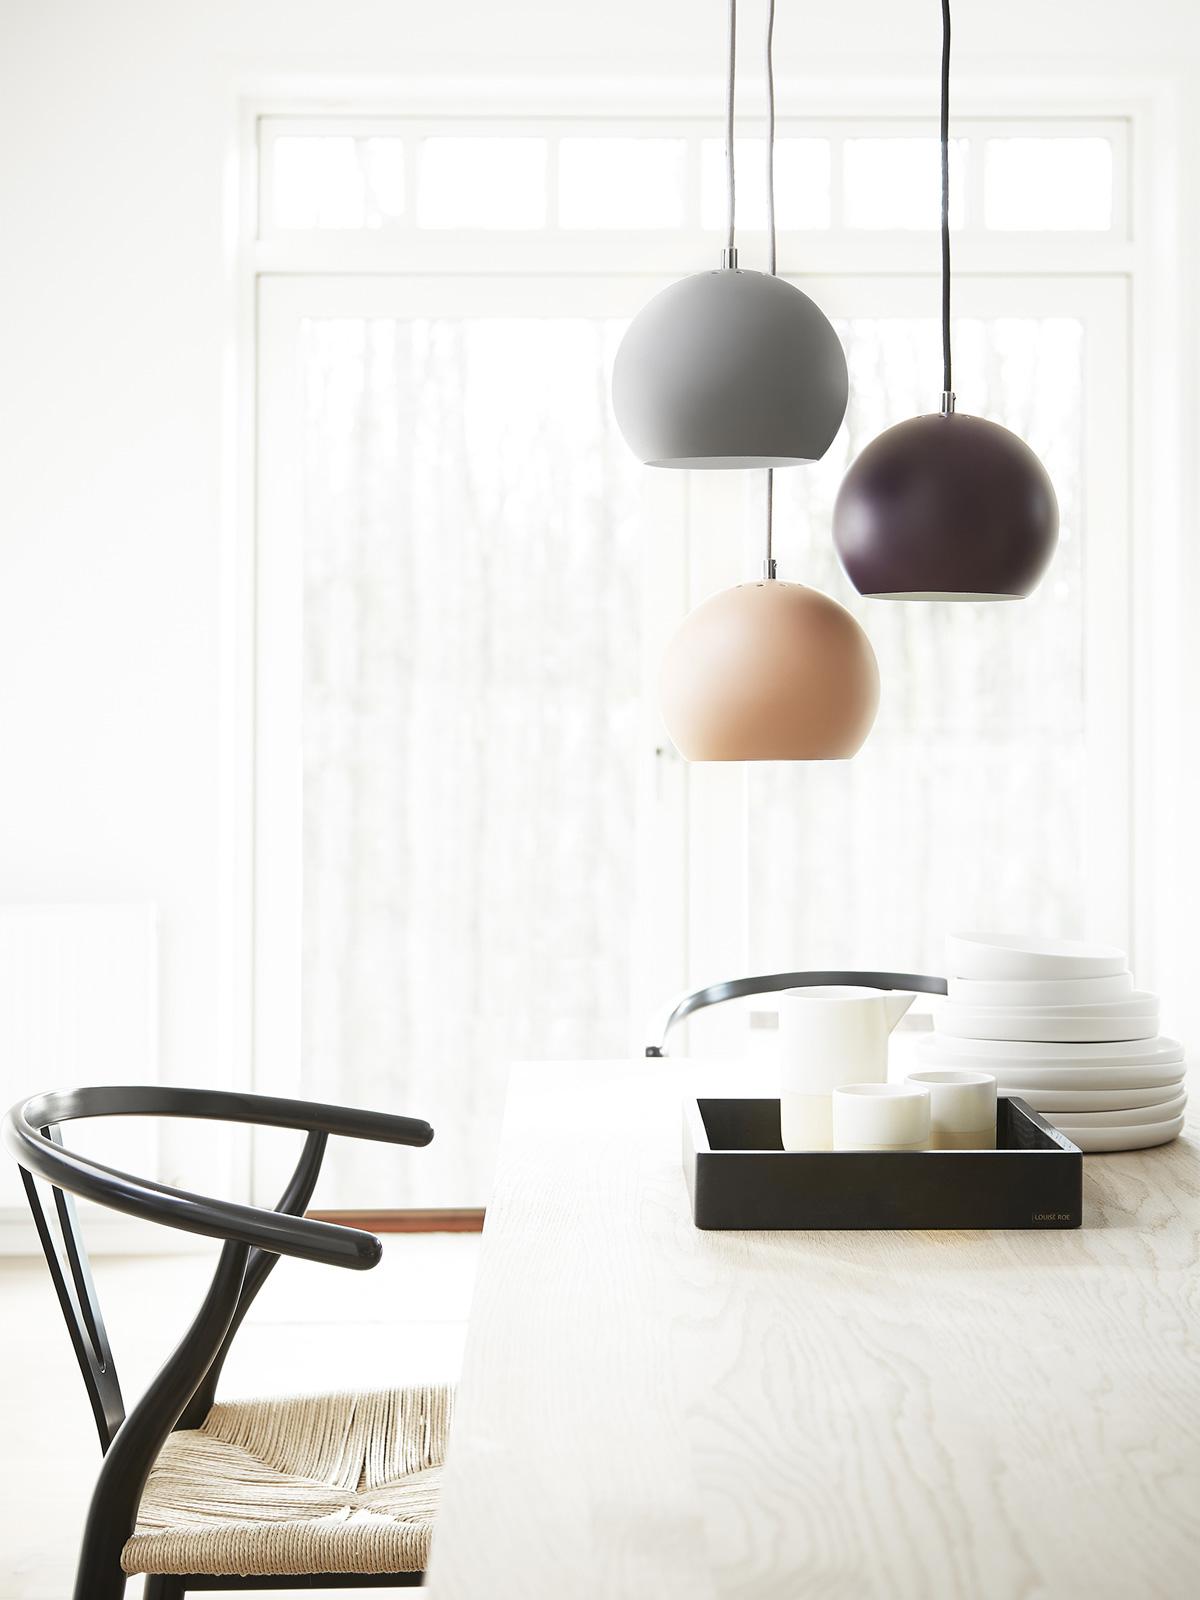 DesignOrt Blog: Drei Leuchten hängen Pendelleuchte Ball von Frandsen